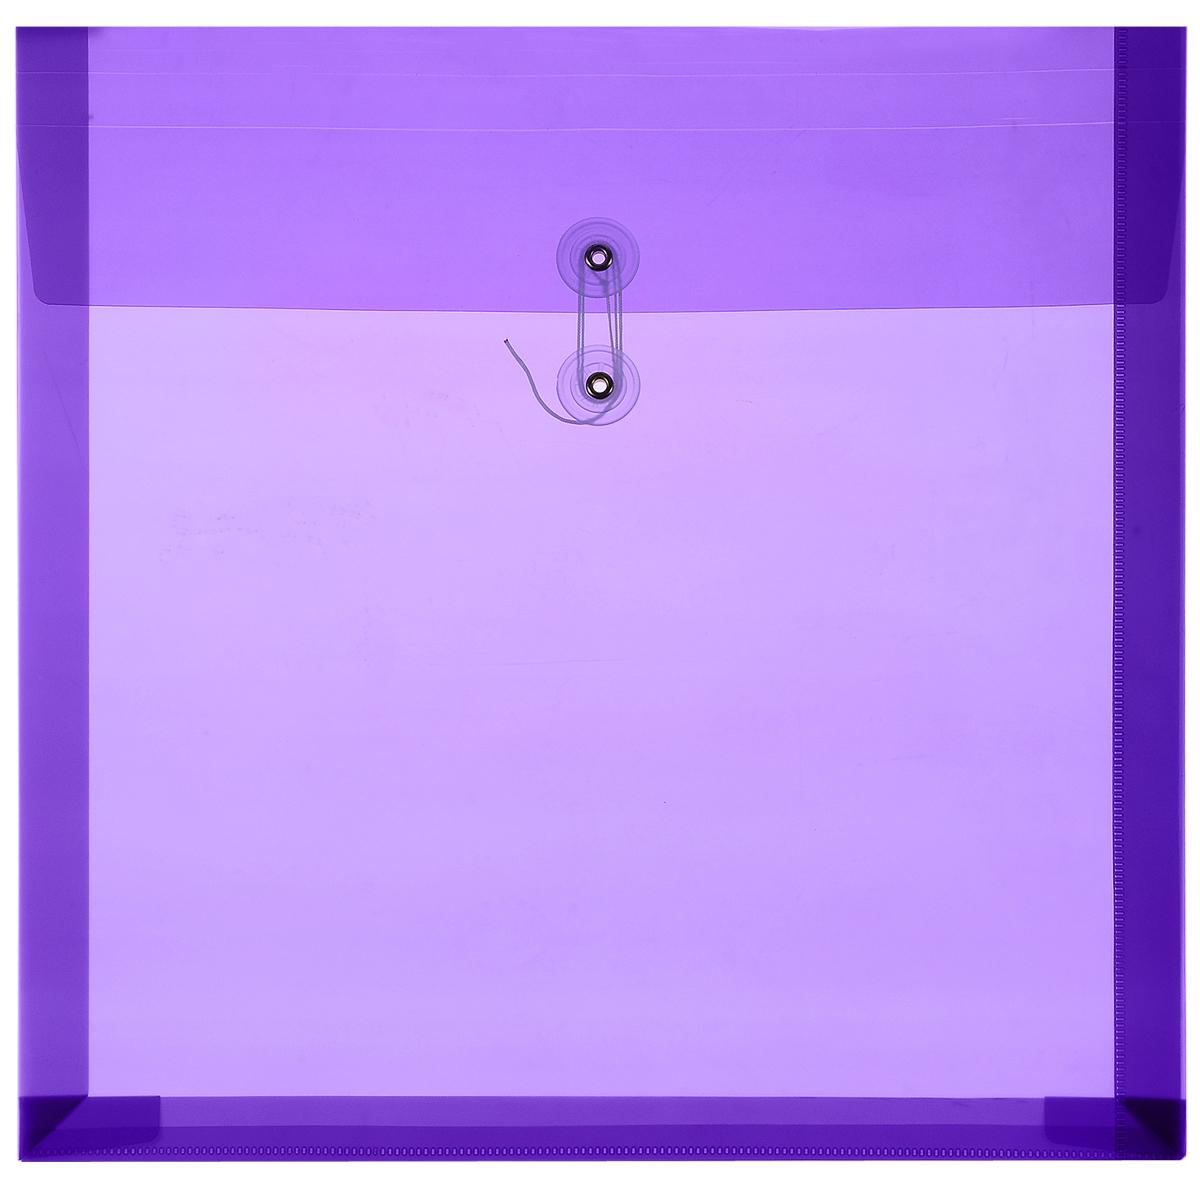 Папка для скрапбумаги Craft Premier, цвет: фиолетовый, 32 х 32 смCN2025-23-PПапка для скрапбумаги Craft Premier изготовлена из ПВХ без содержания кислот. Папка имеет удобный формат для хранения листовой бумаги для скрапбукинга, готовых работ, декоративных элементов. Вмещает 50 - 60 листов бумаги, в зависимости от ее плотности. Для стопки бумаги до 4 см.